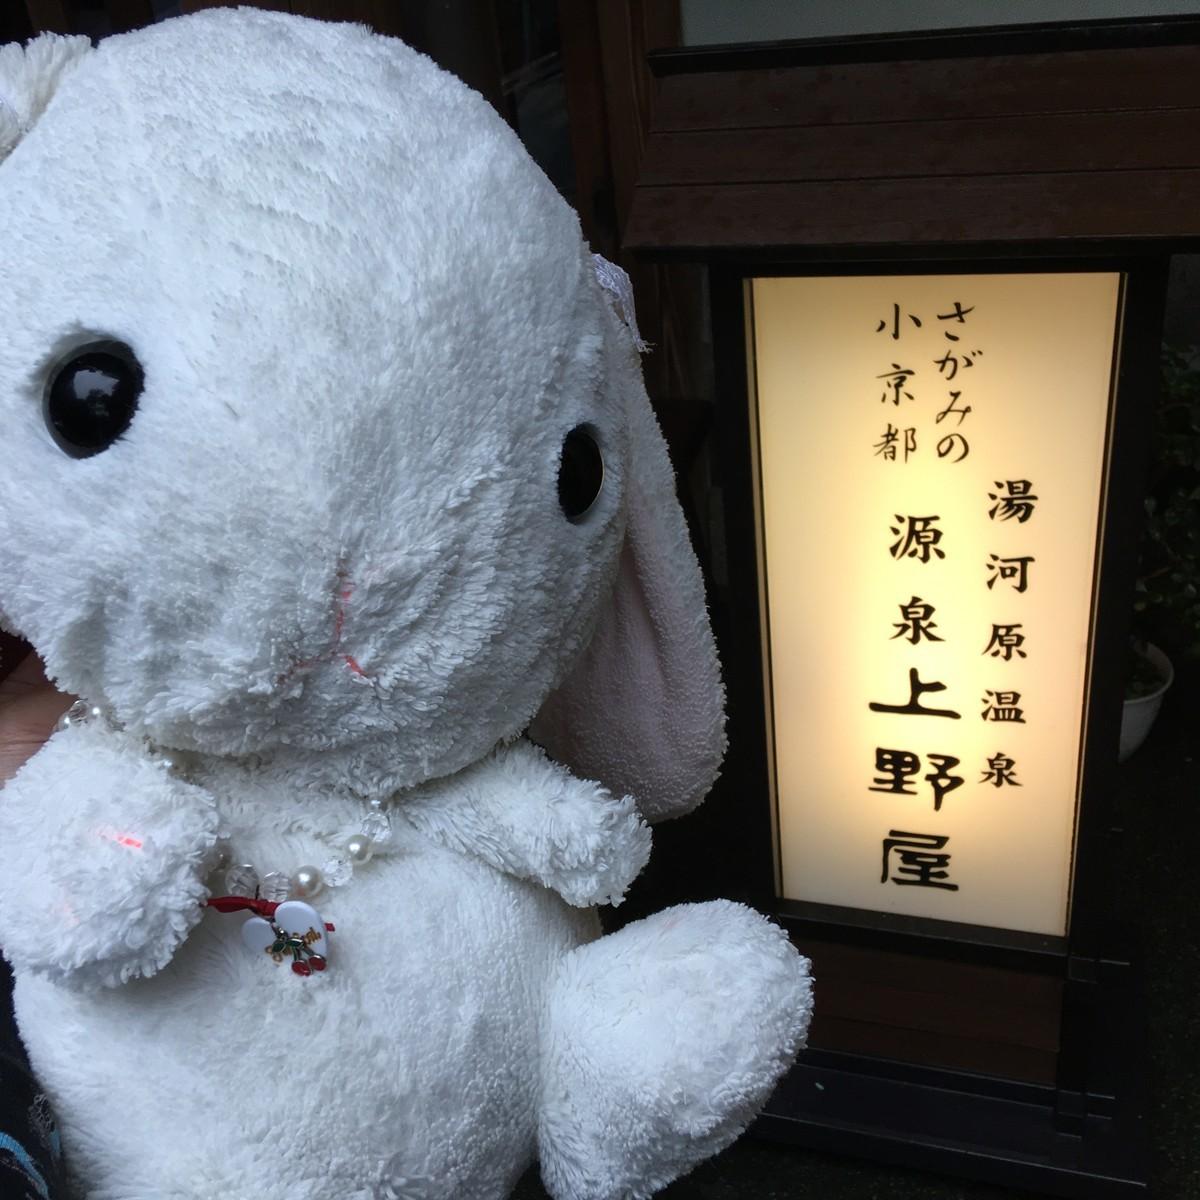 湯河原温泉 源泉かけ流し旅館、無料貸切露天風呂「上野屋」さんへ